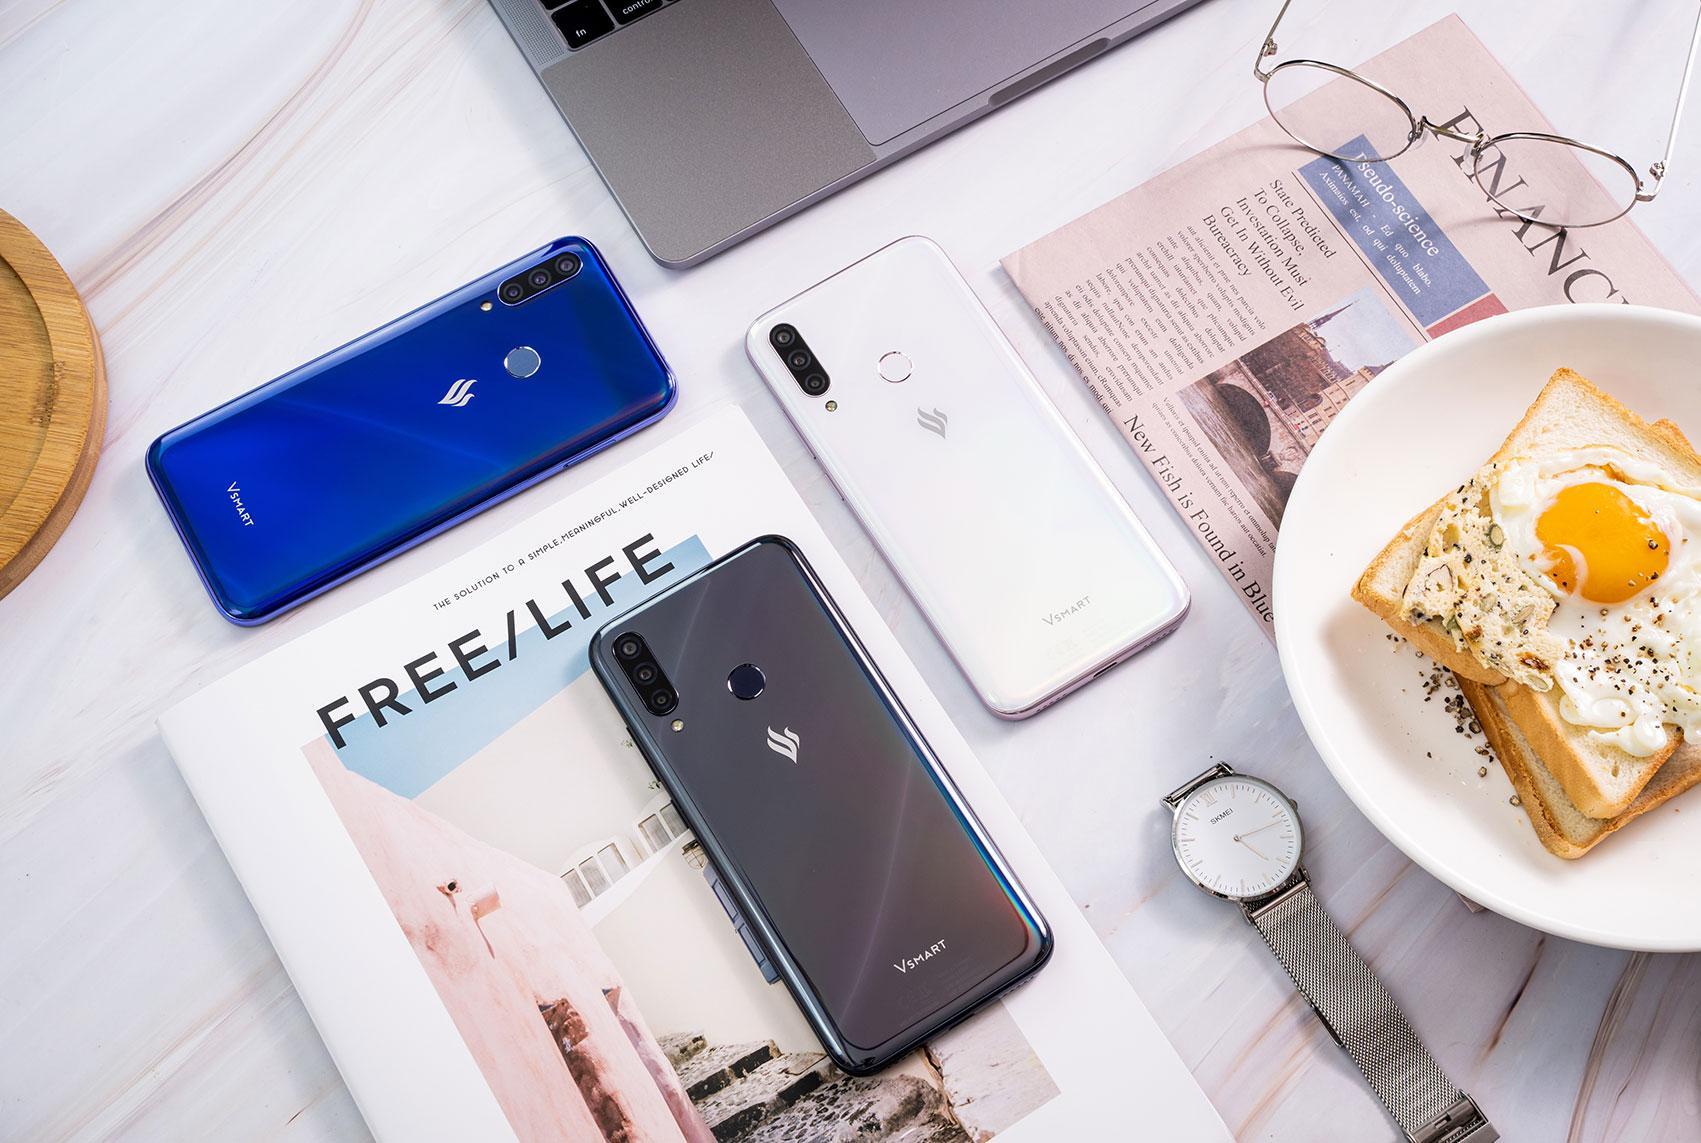 Помните про Vsmart? Новый смартфон Joy 3+ стоит 9990 рублей, ионсизюминкой